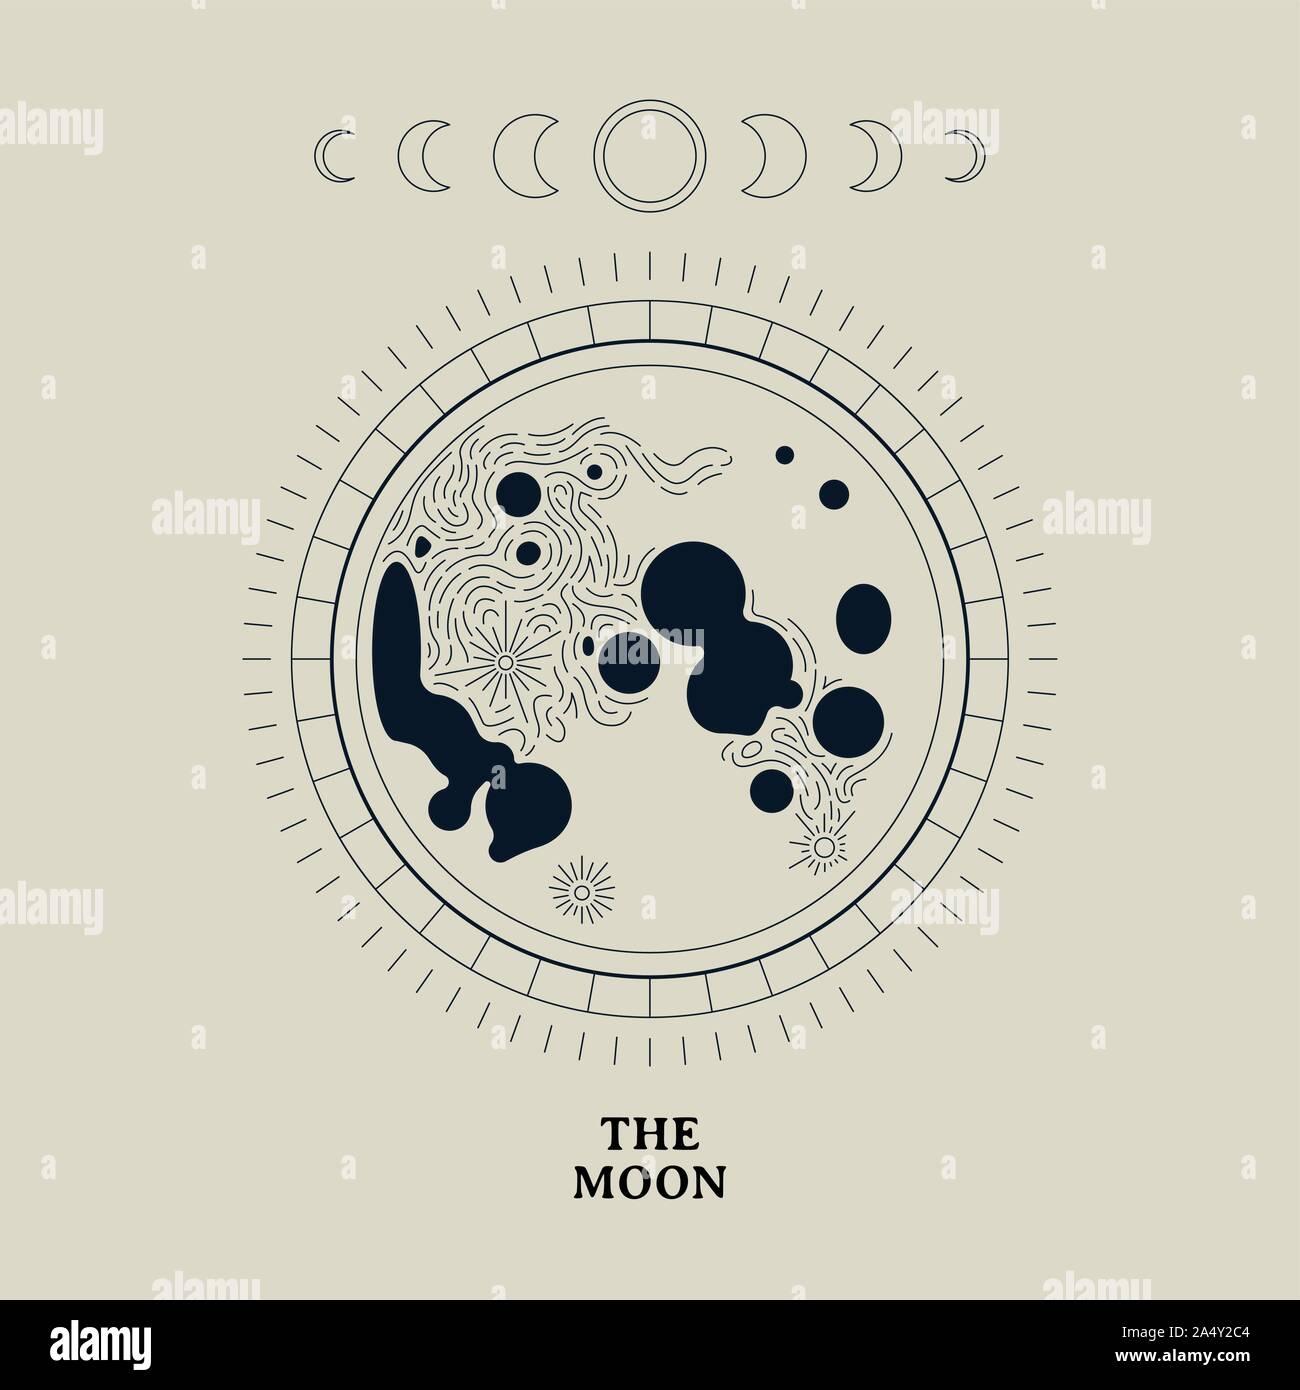 Vintage mond Darstellung der Mondphasen. Nacht der Astronomie Konzept auf isolierten Hintergrund. Stock Vektor